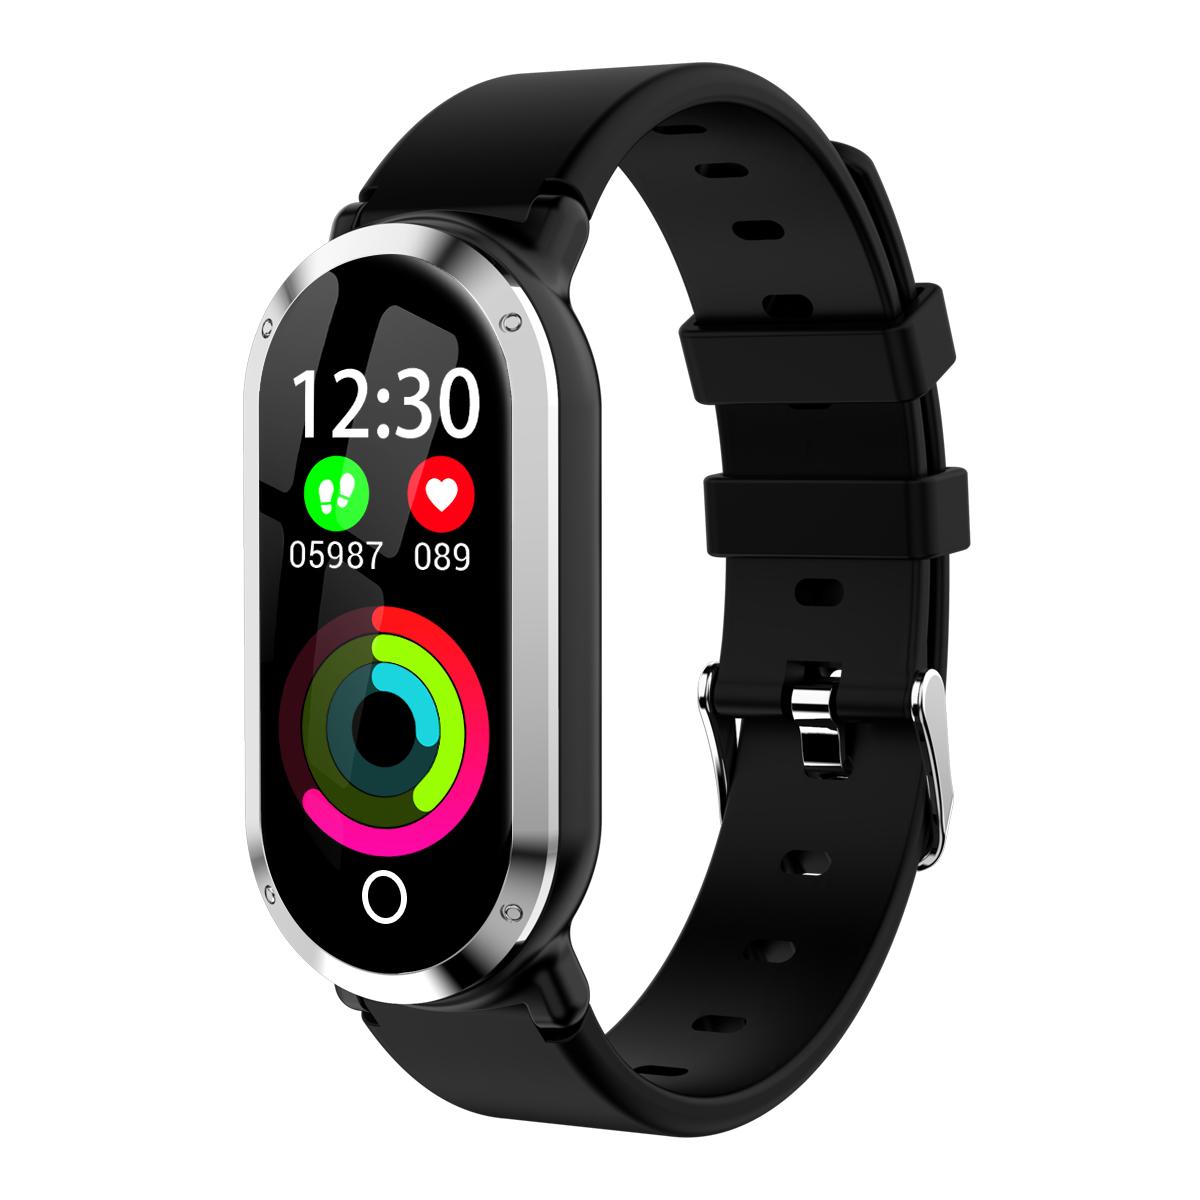 Что купить: фитнес-трекер или «умные» часы?